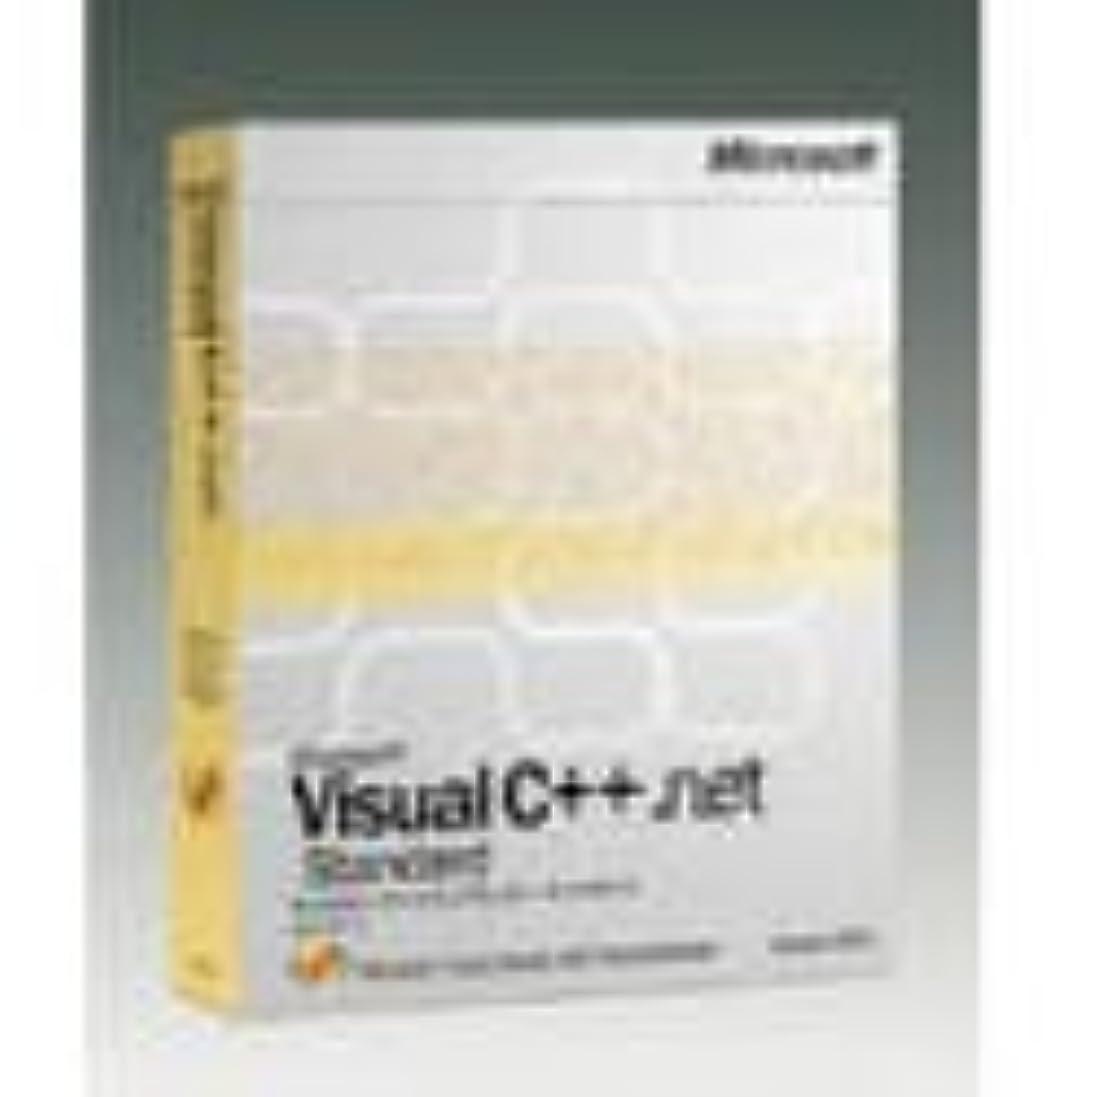 爵ポジティブ電子レンジMicrosoft Visual C++ .NET Standard Version 2002